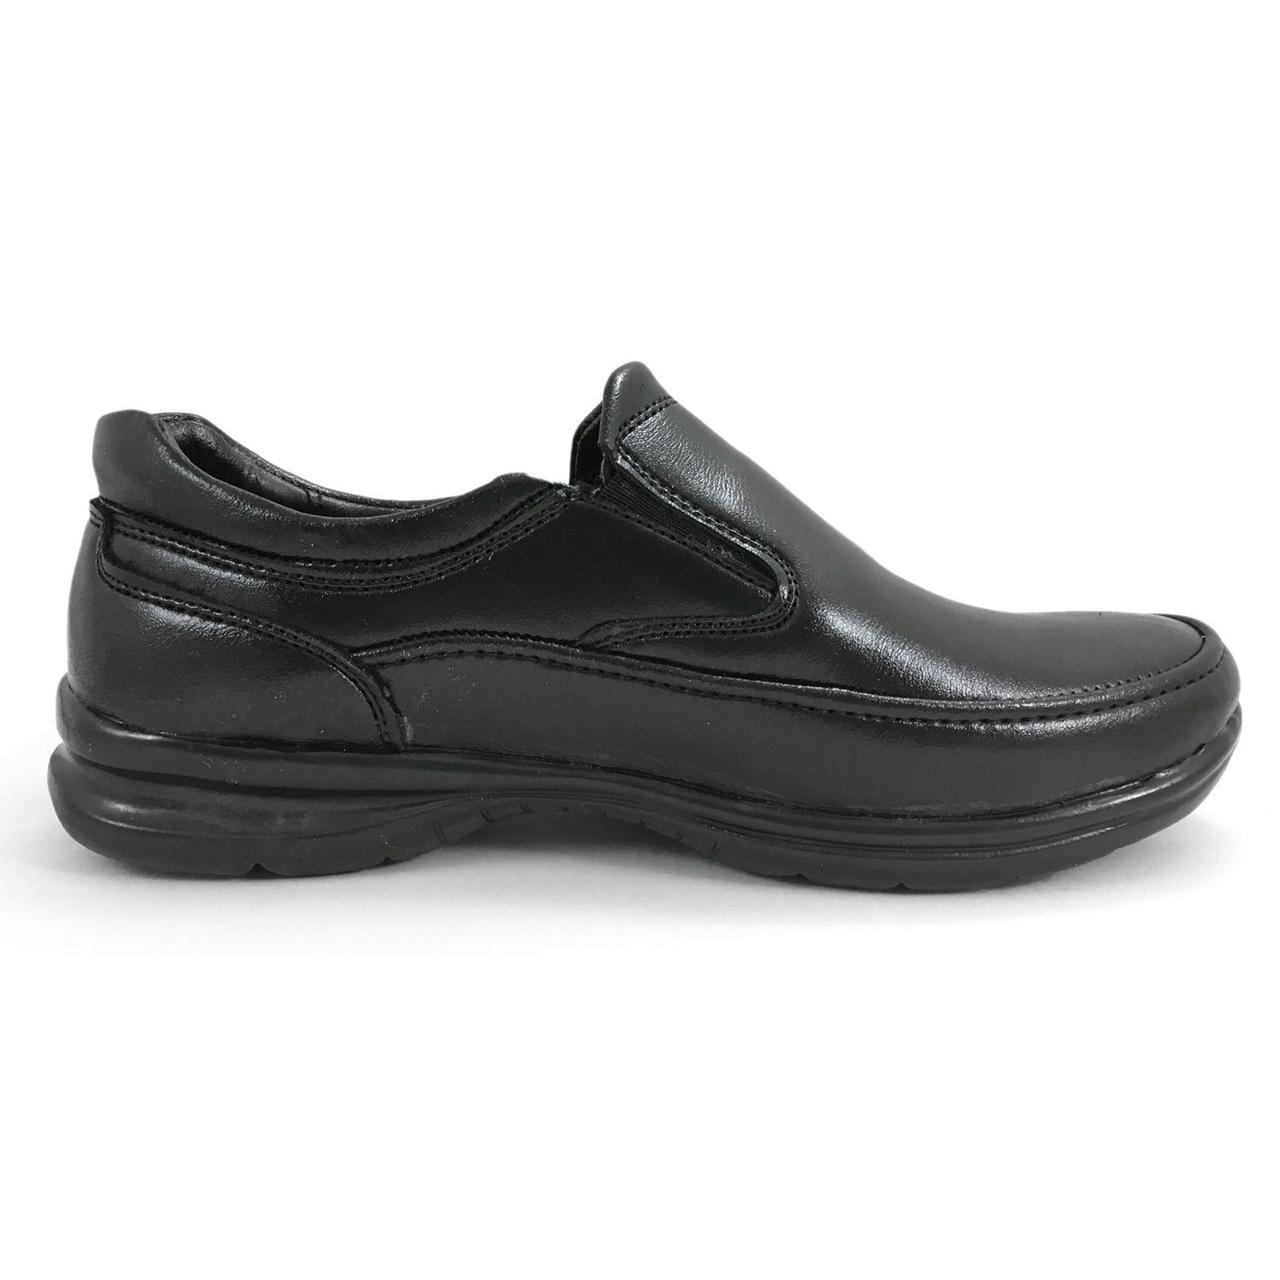 کفش روزمره مردانه کد m223m